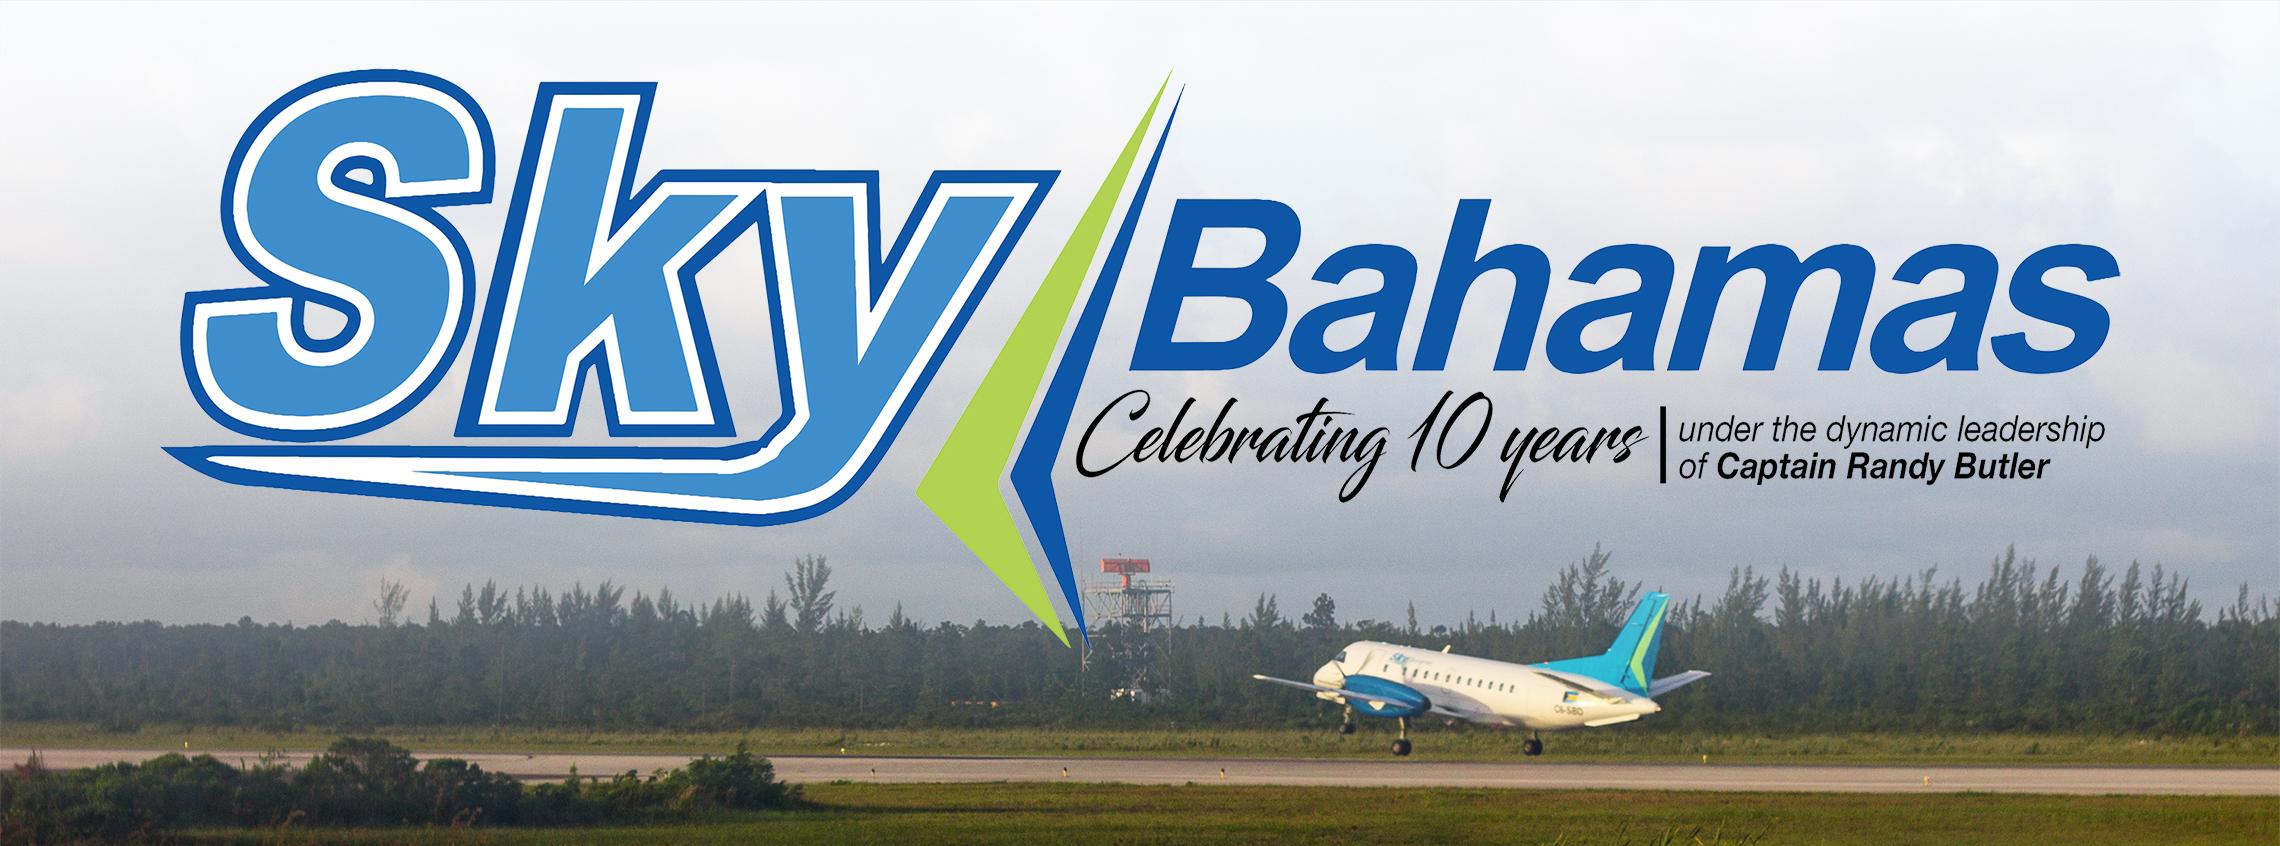 SkyBahamas Anniversary Post